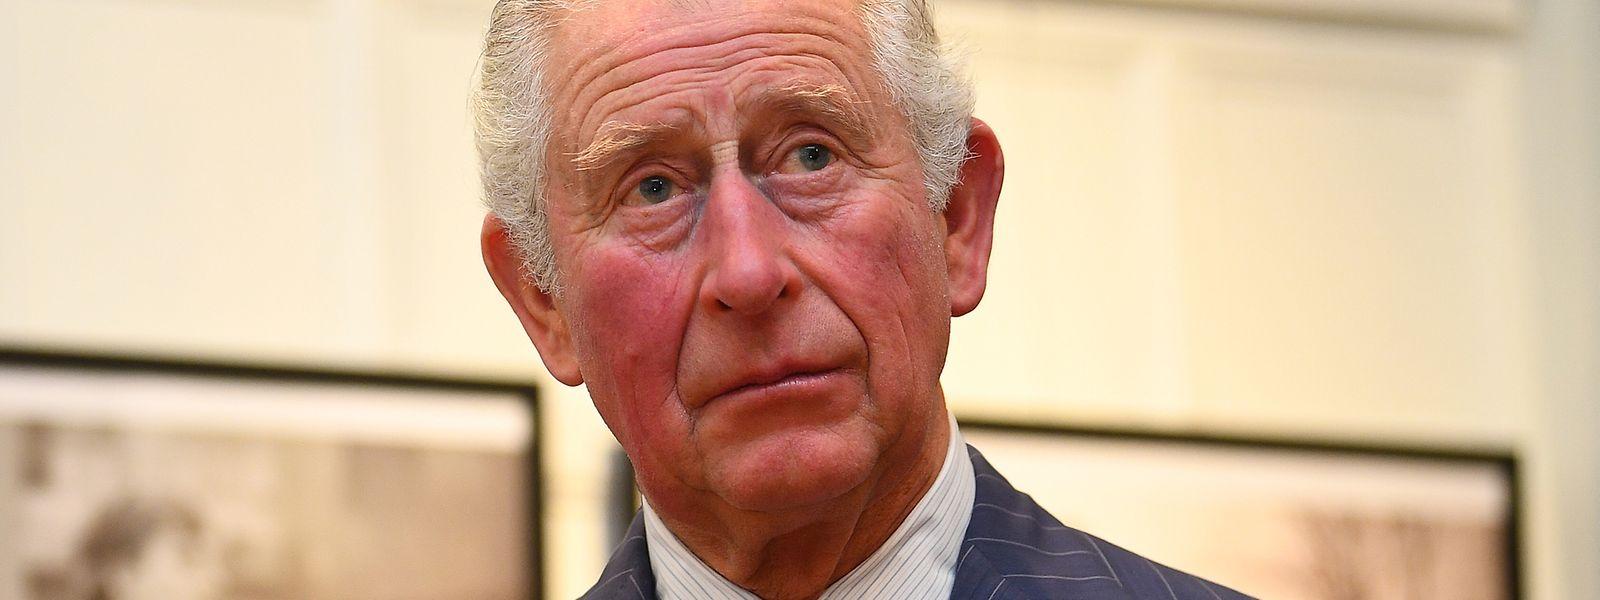 Der britische Prinz Charles, Prinz von Wales, hat sich in einer Videobotschaft an die Bewohner Australiens gewandt und ihnen sein Mitgefühl ausgedrückt.